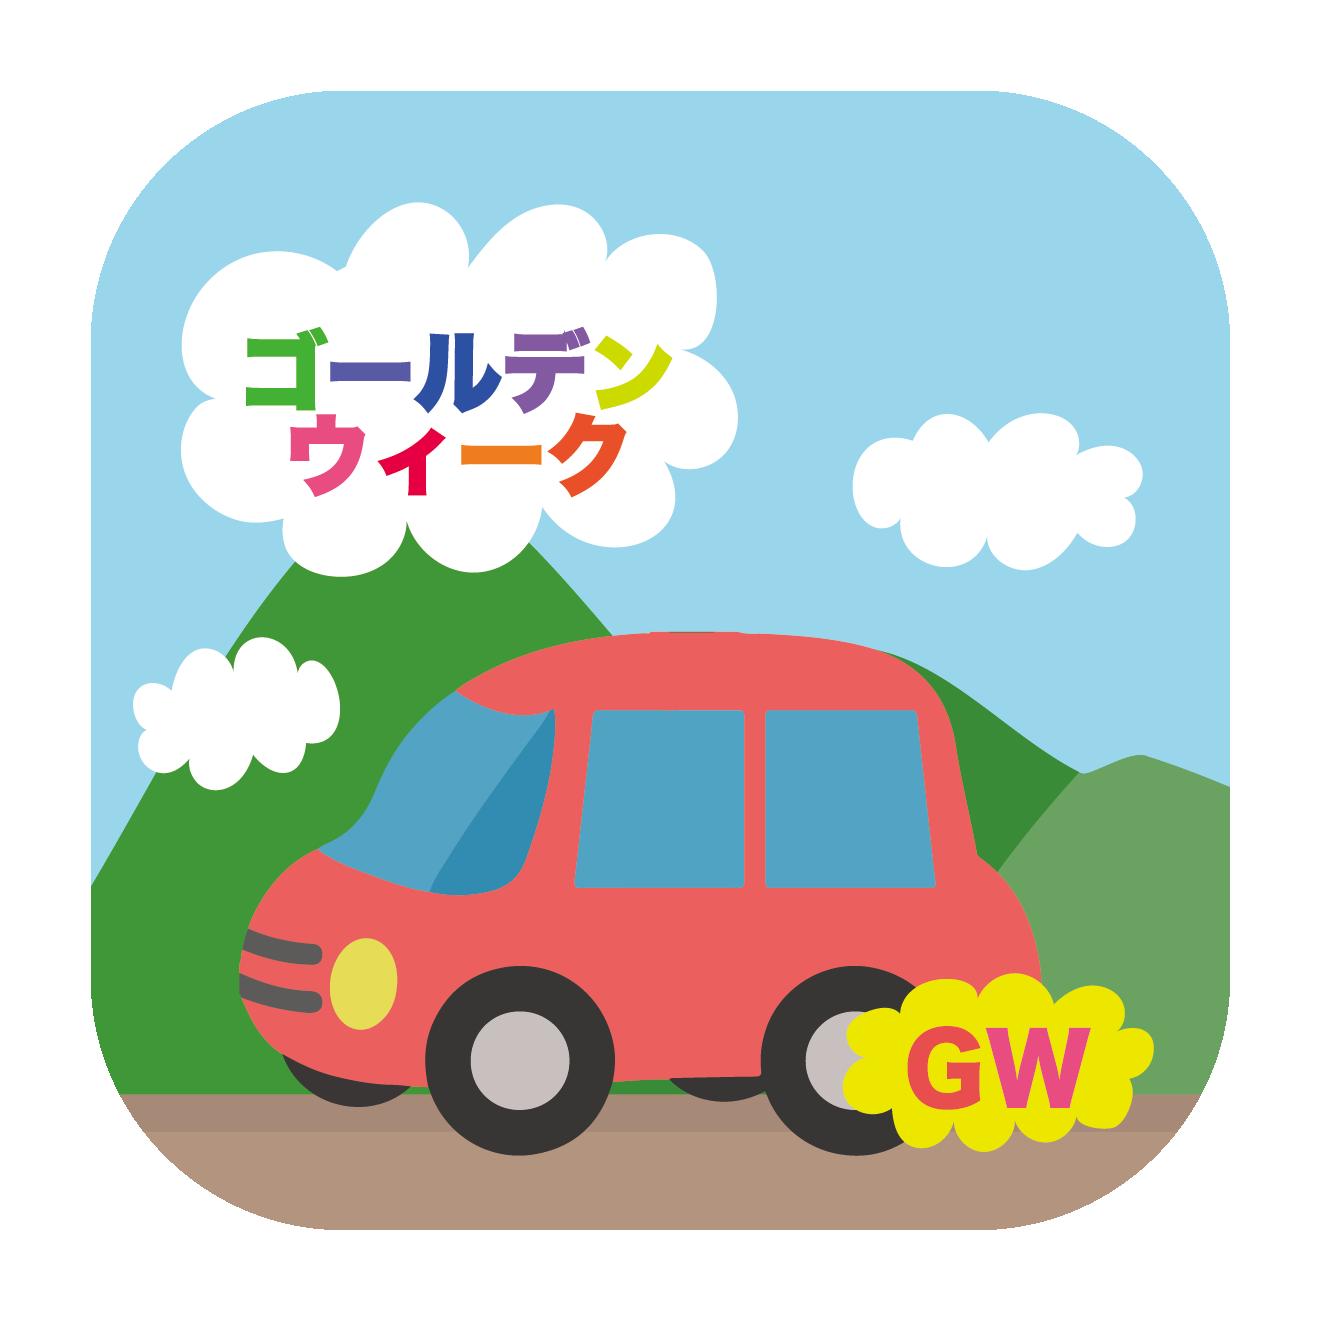 ゴールデンウィークは車で旅行!のイラスト | 商用フリー(無料)の